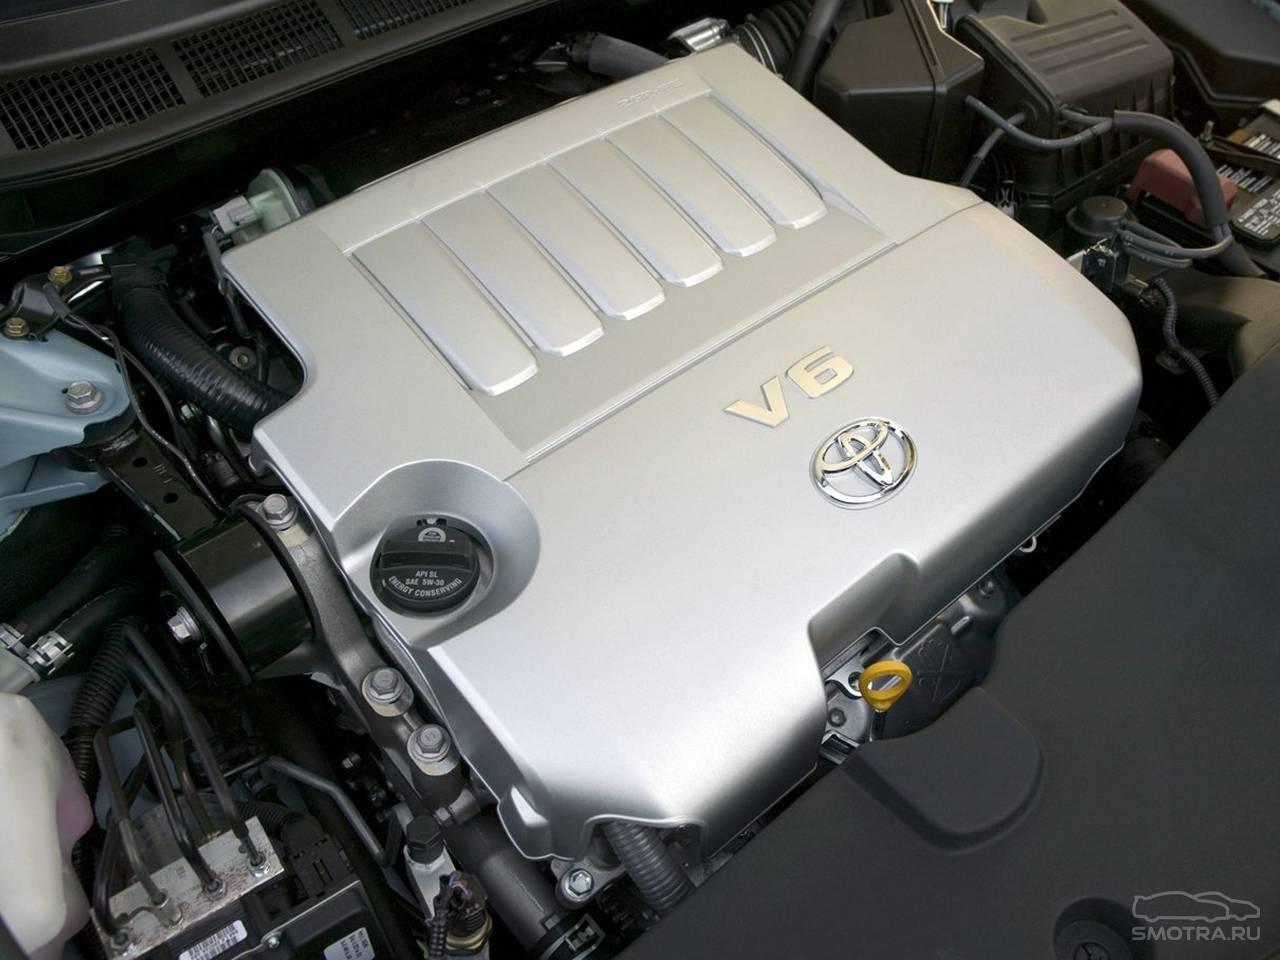 Двигатель Тойта Камри 2007 Покупатели 6-цилиндровой Toyota Camry 2007